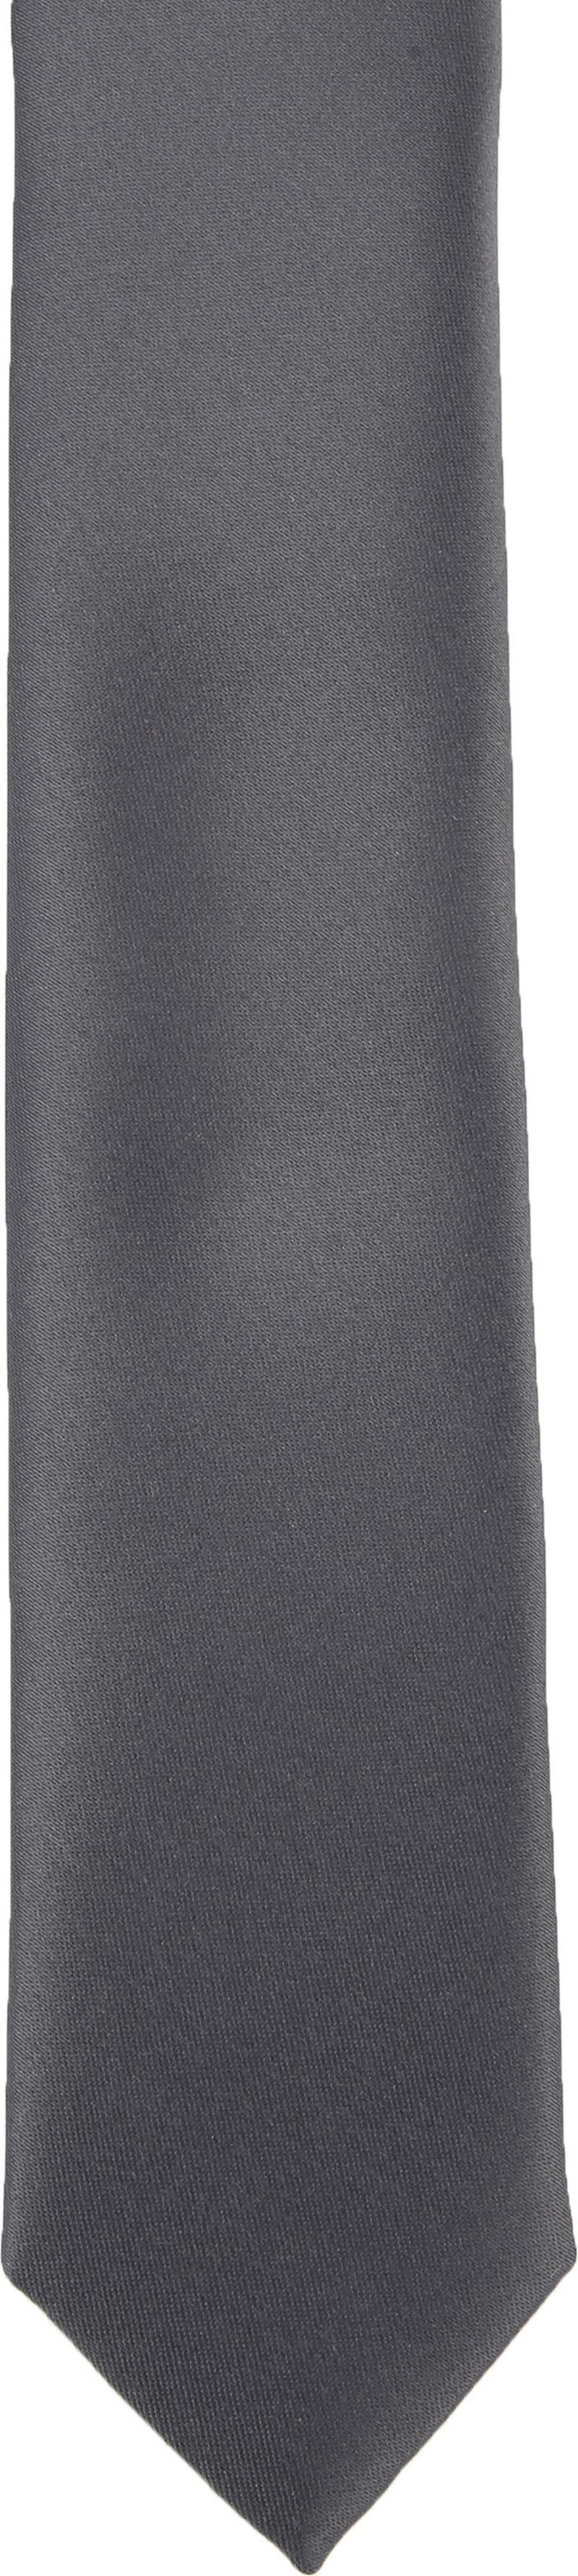 Suitable Tie Dark Grey 906 photo 1